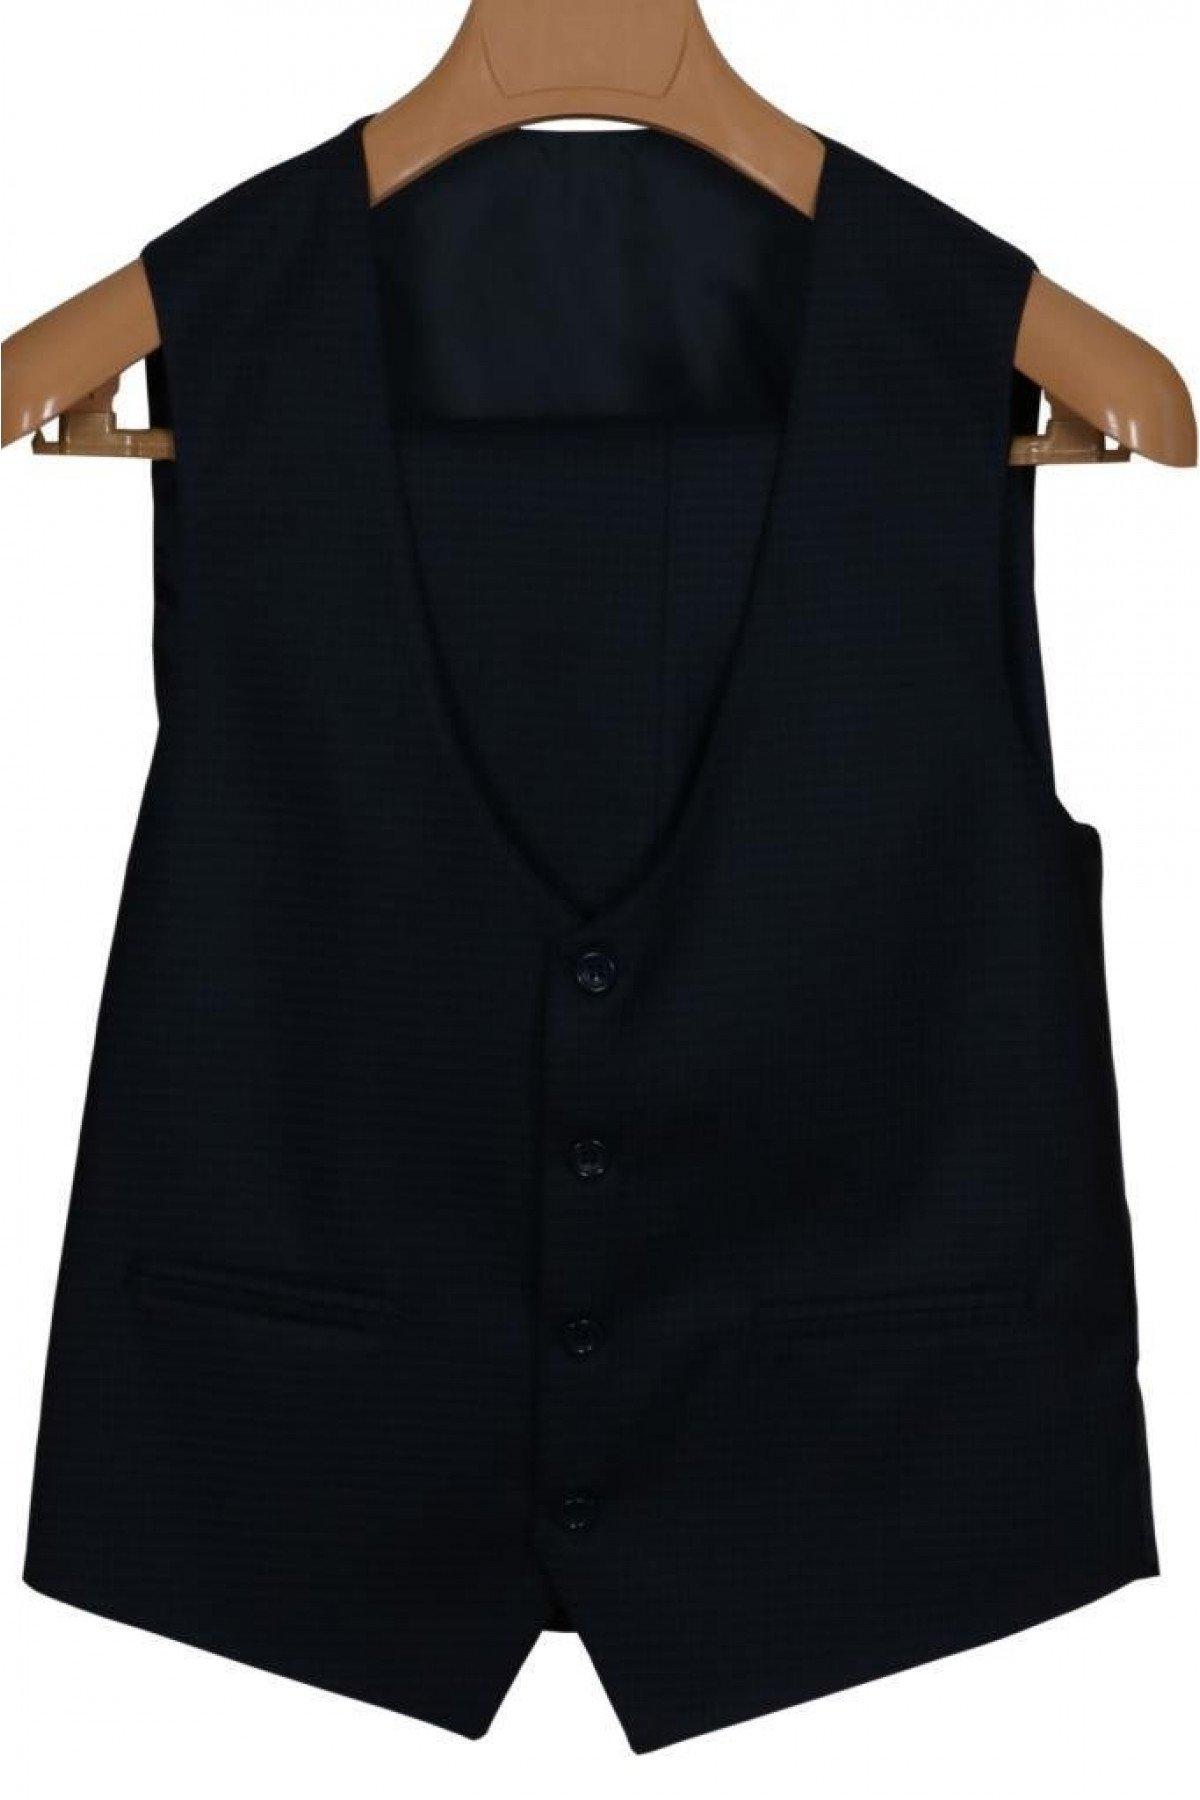 Erkek Takım Elbise Yelekli Dar Kesim RAR00695